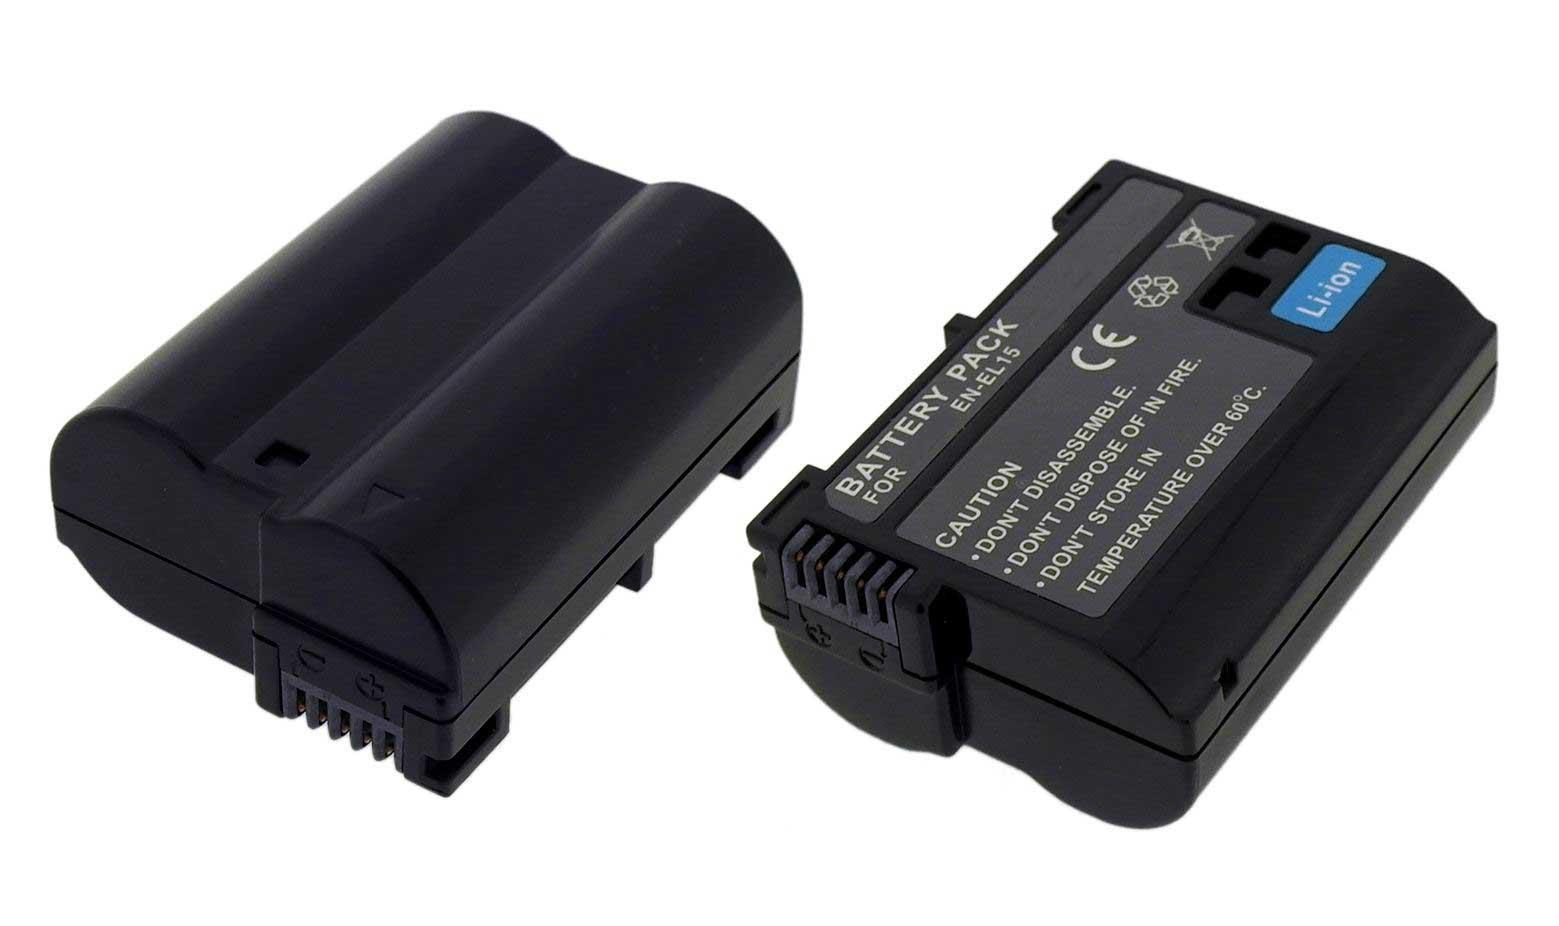 【単品】ニコンEN-EL15 互換バッテリー Nikon 1 V1・D800・D800E・D600・D610・D7000・D7100対応